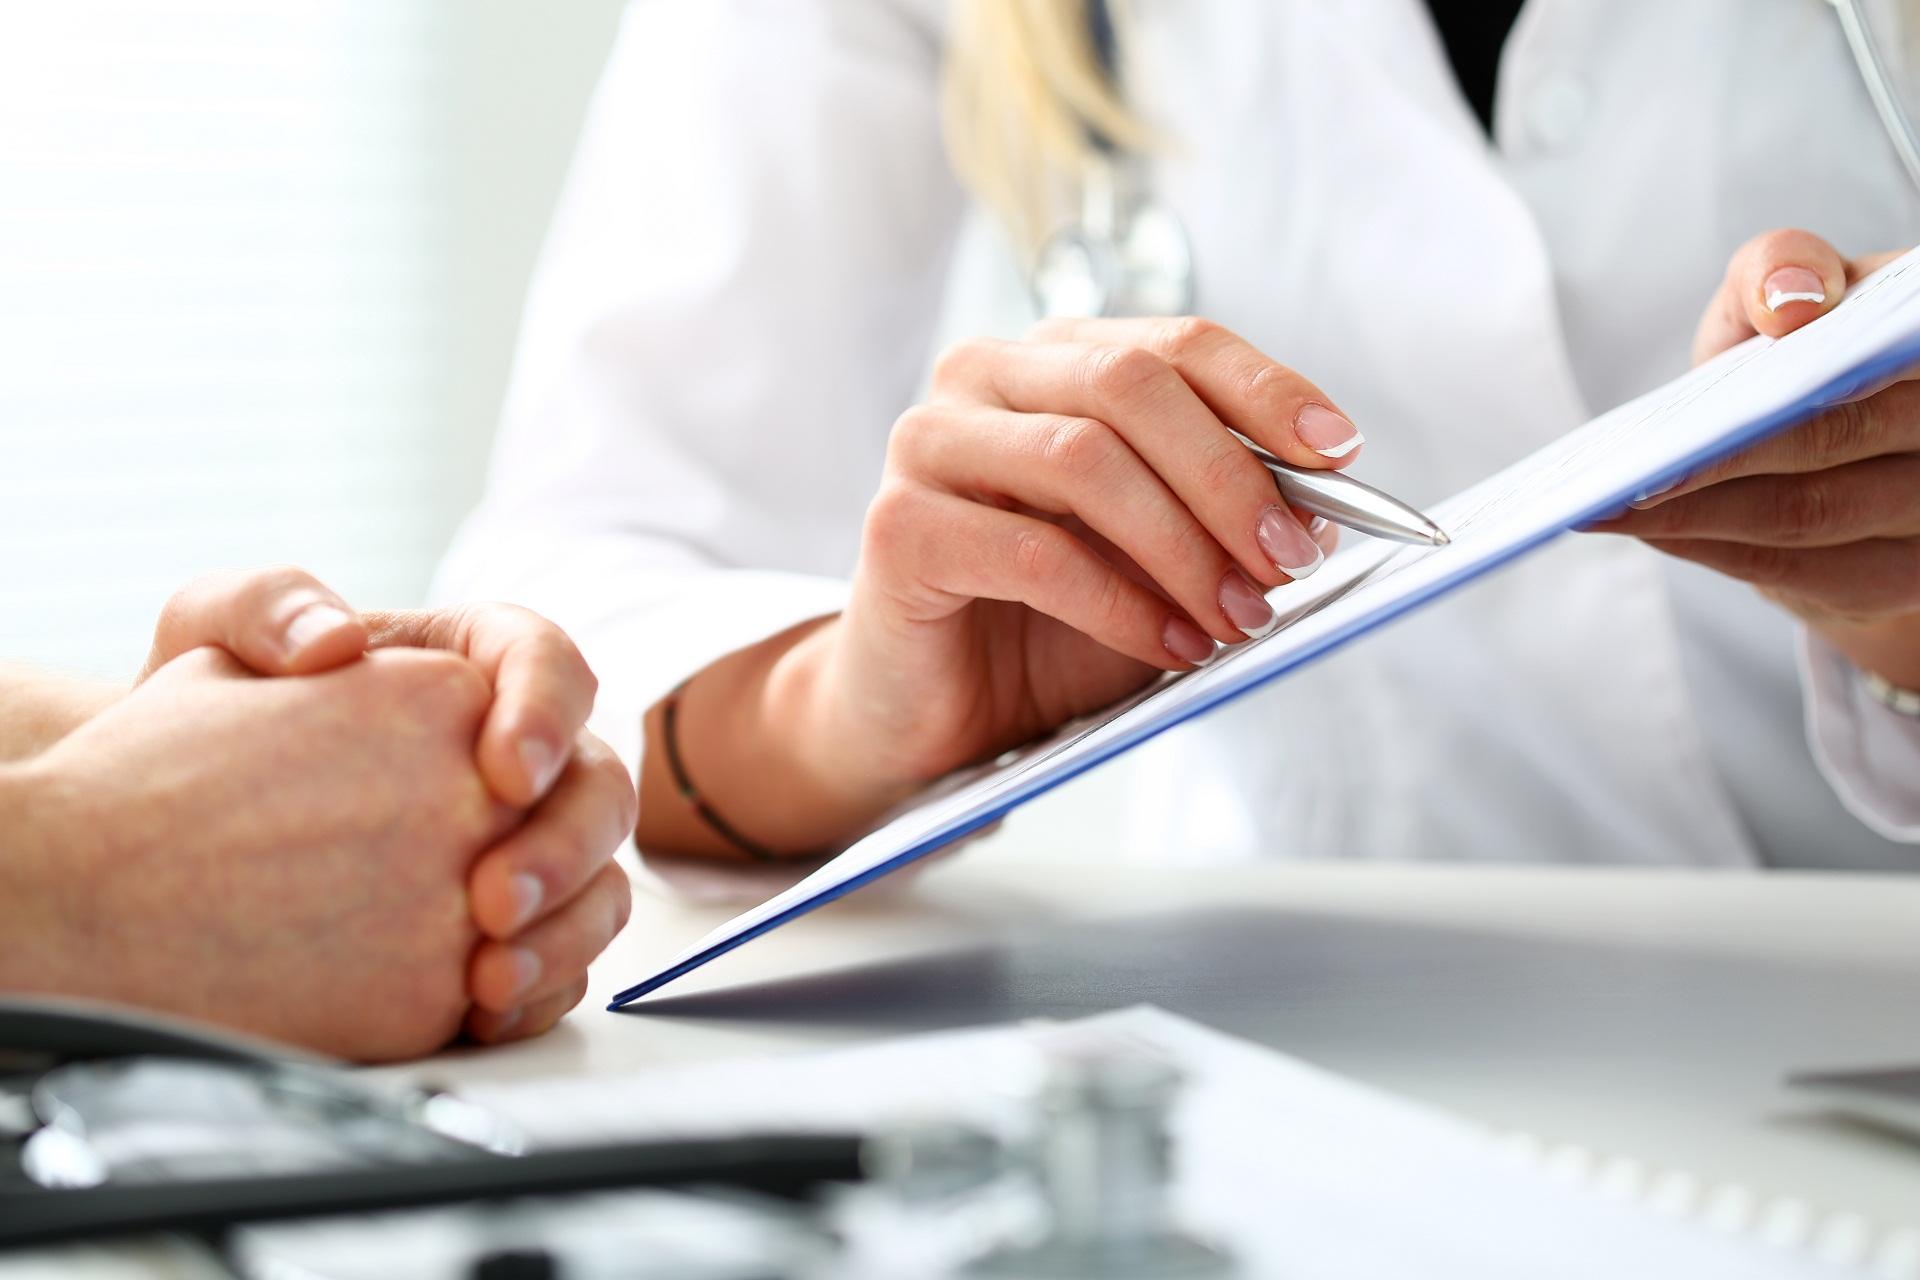 Termo de consentimento livre e esclarecido TCLE é um documento oficial em que o indivíduo concorda a realização de teste genético, pesquisa ou procedimento